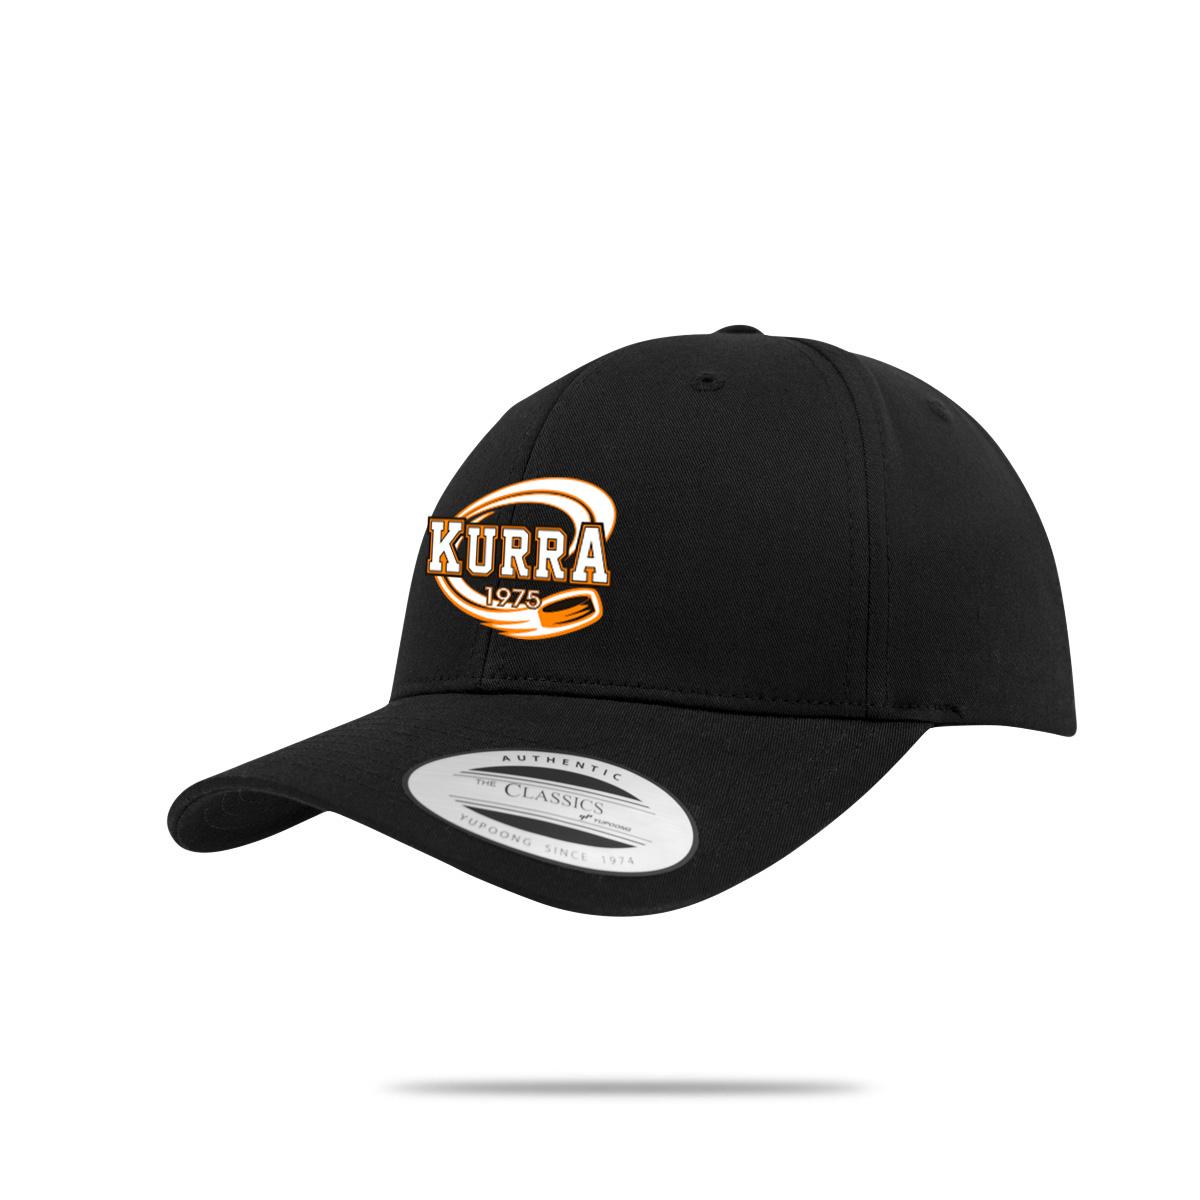 Kurra-3040-fani